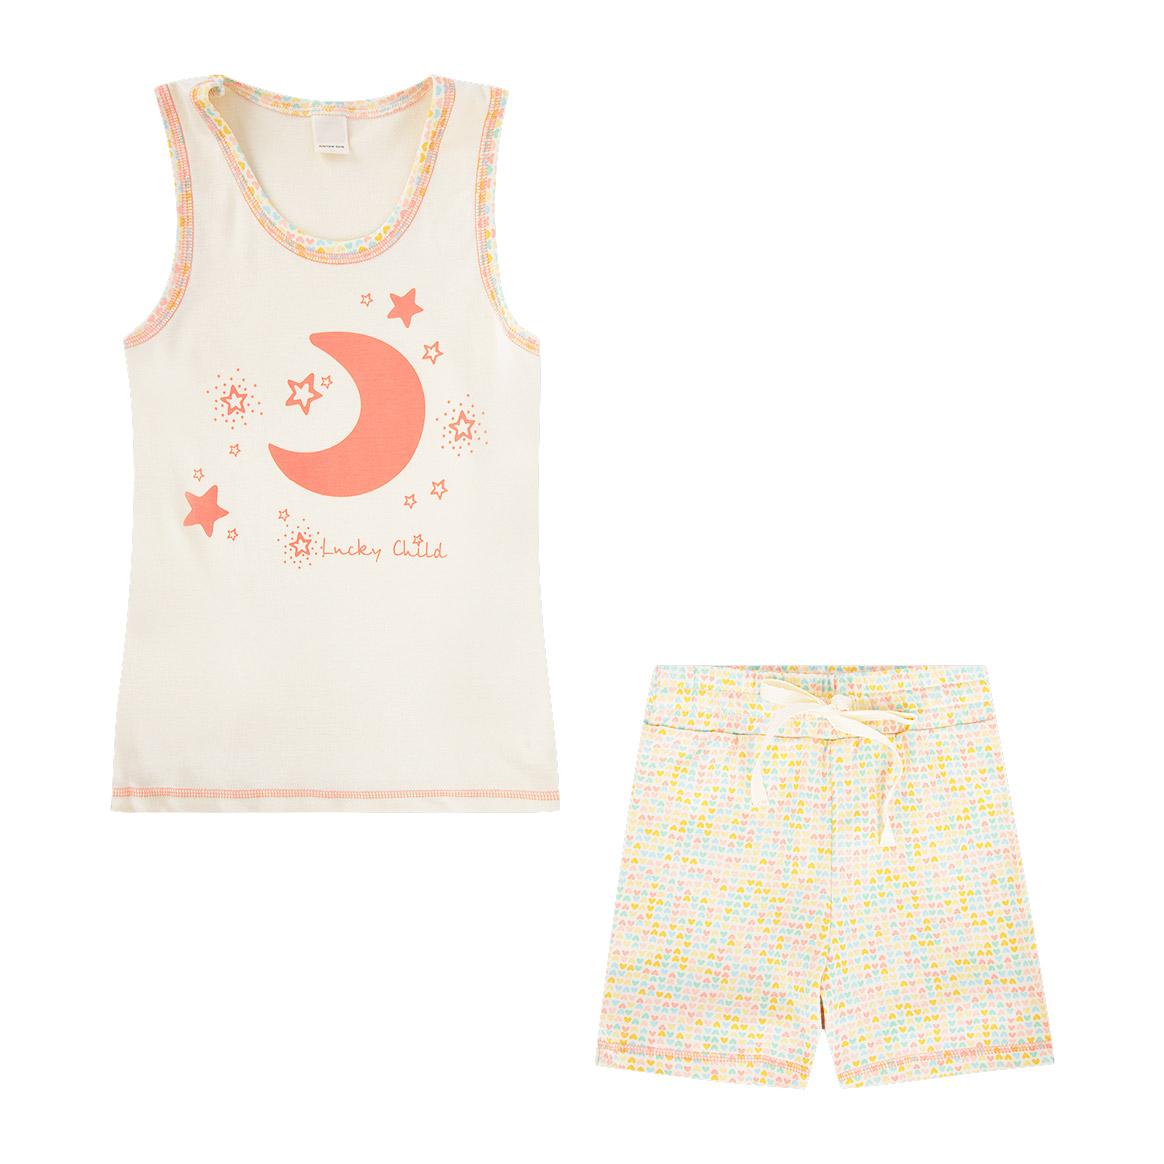 Купить Пижама Lucky Child для девочки 104-110, Бежевый, Интерлок, Для девочек, Весна-Лето,